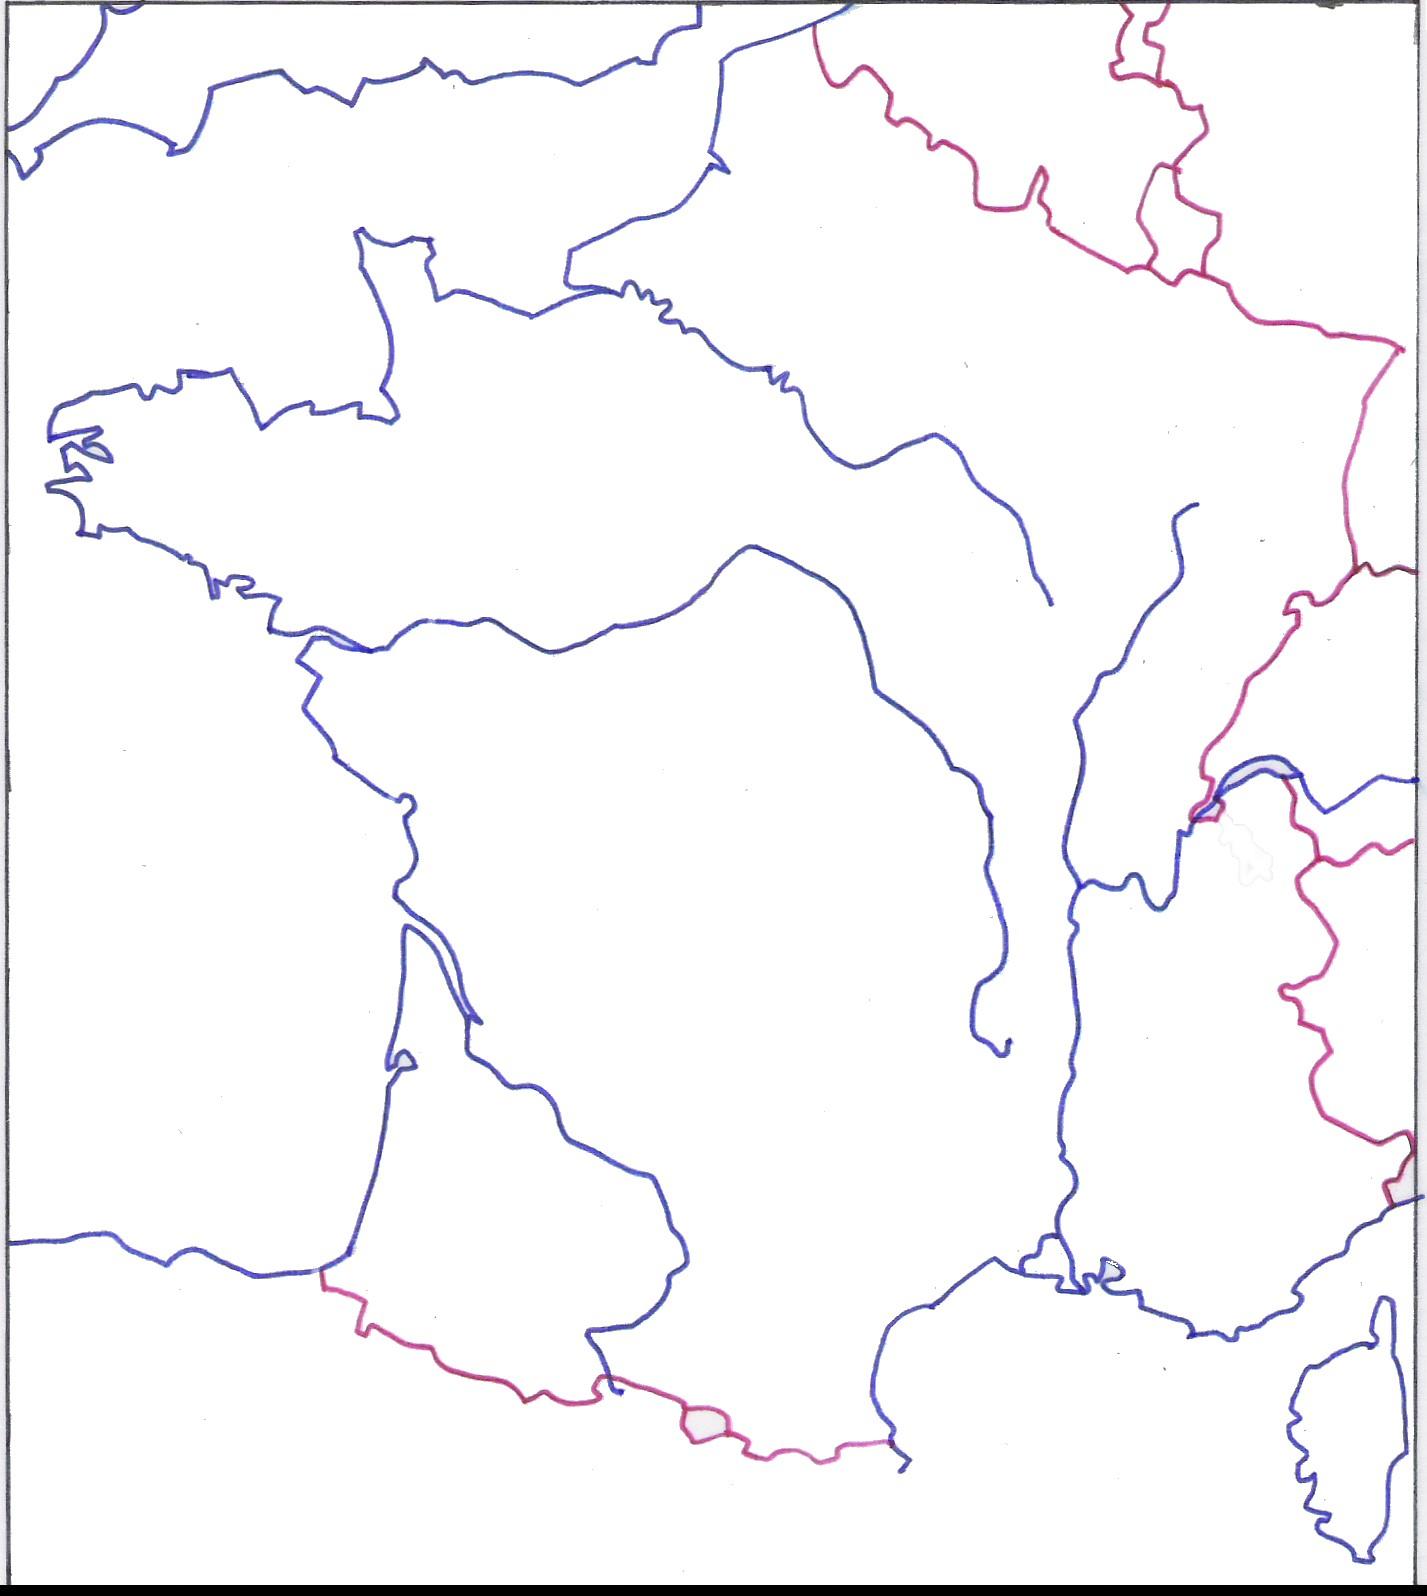 Fonds De Cartes - Les Pratiques De Classe De Mister Chat à Fond De Carte France Vierge